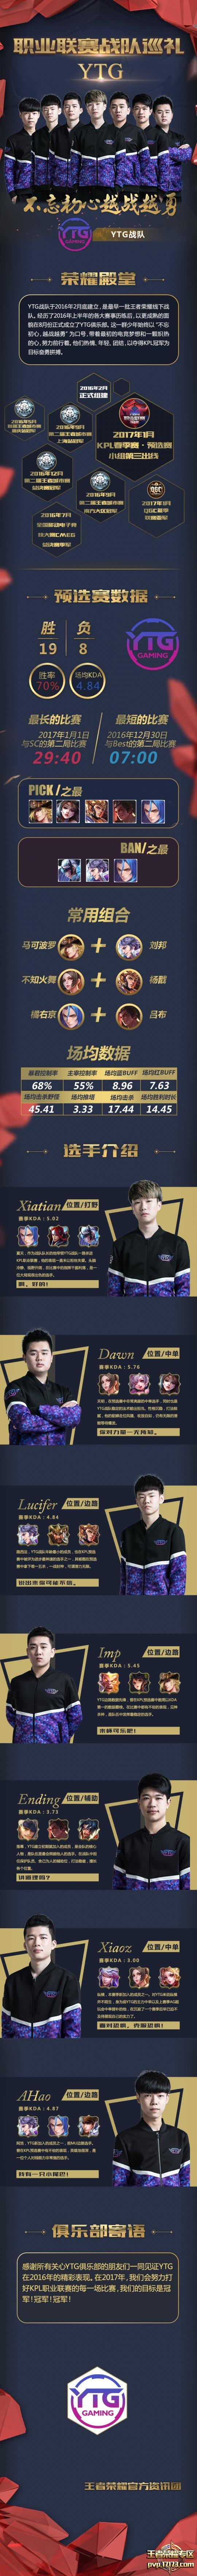 王者荣耀YTG战队介绍